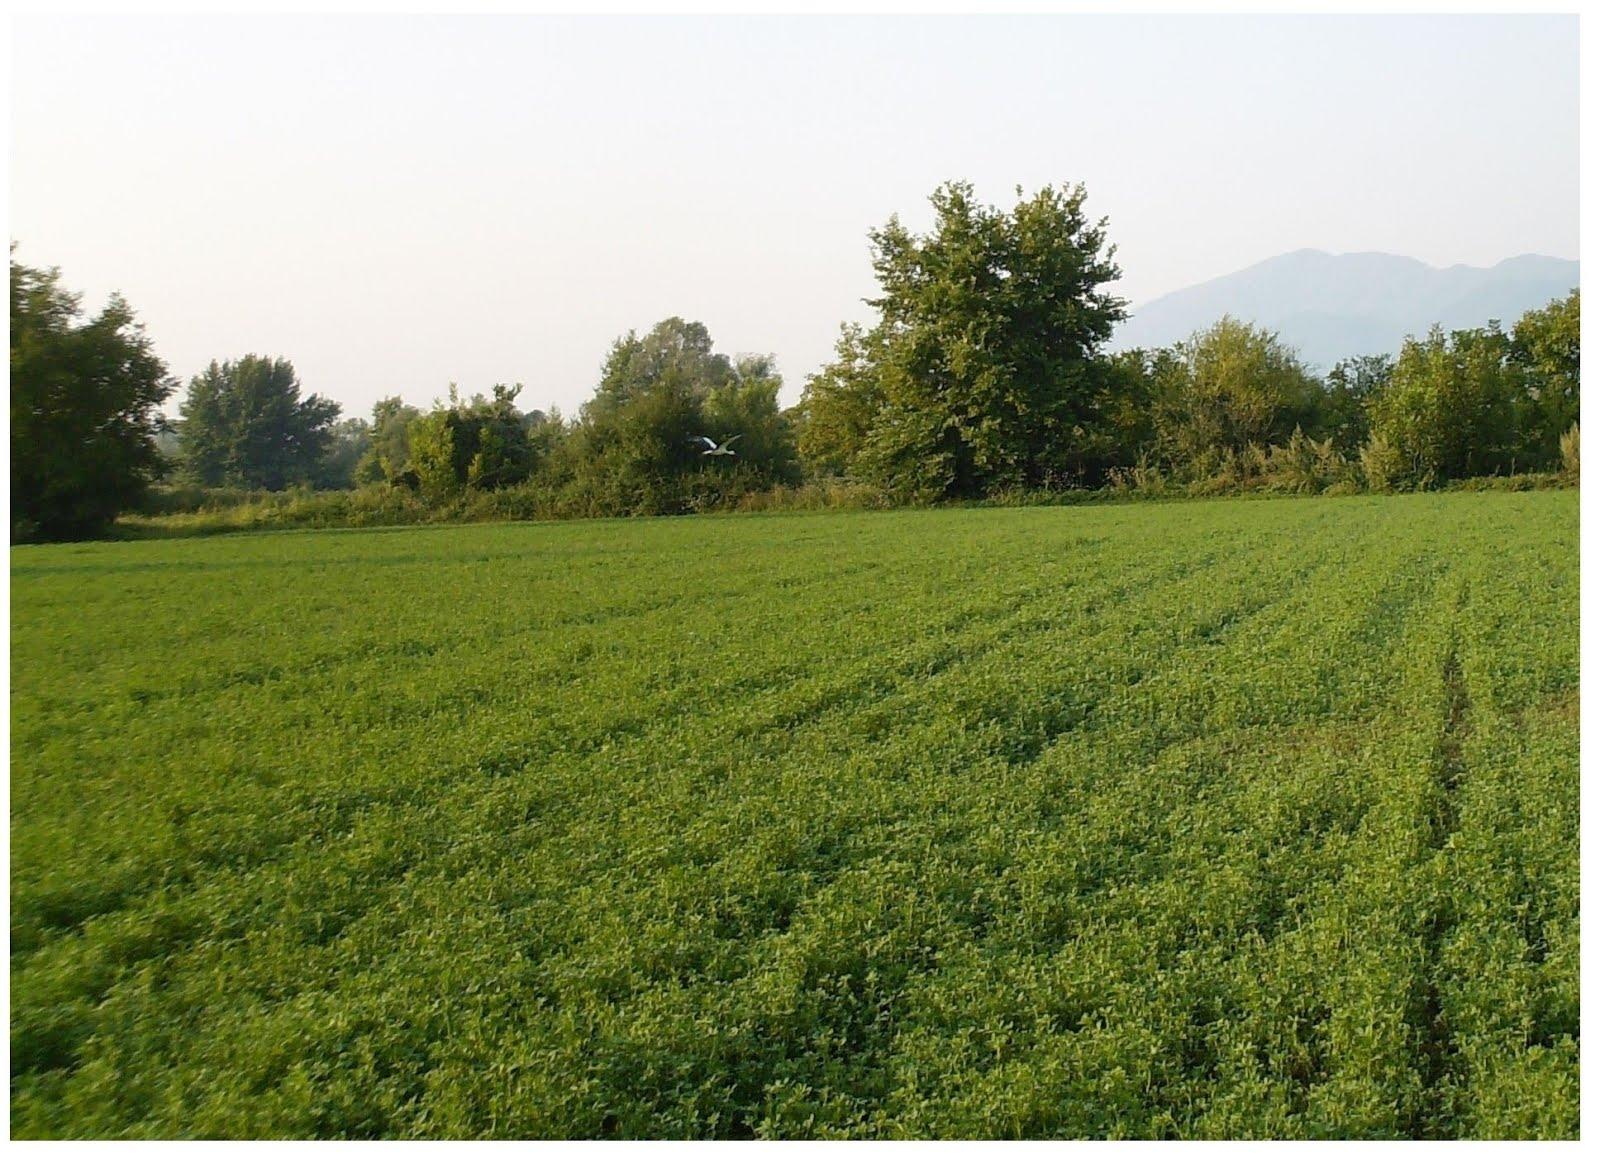 Παρακάλαμος: Πωλείται ποτιστικό αγροτεμάχιο σε τιμή ευκαιρίας